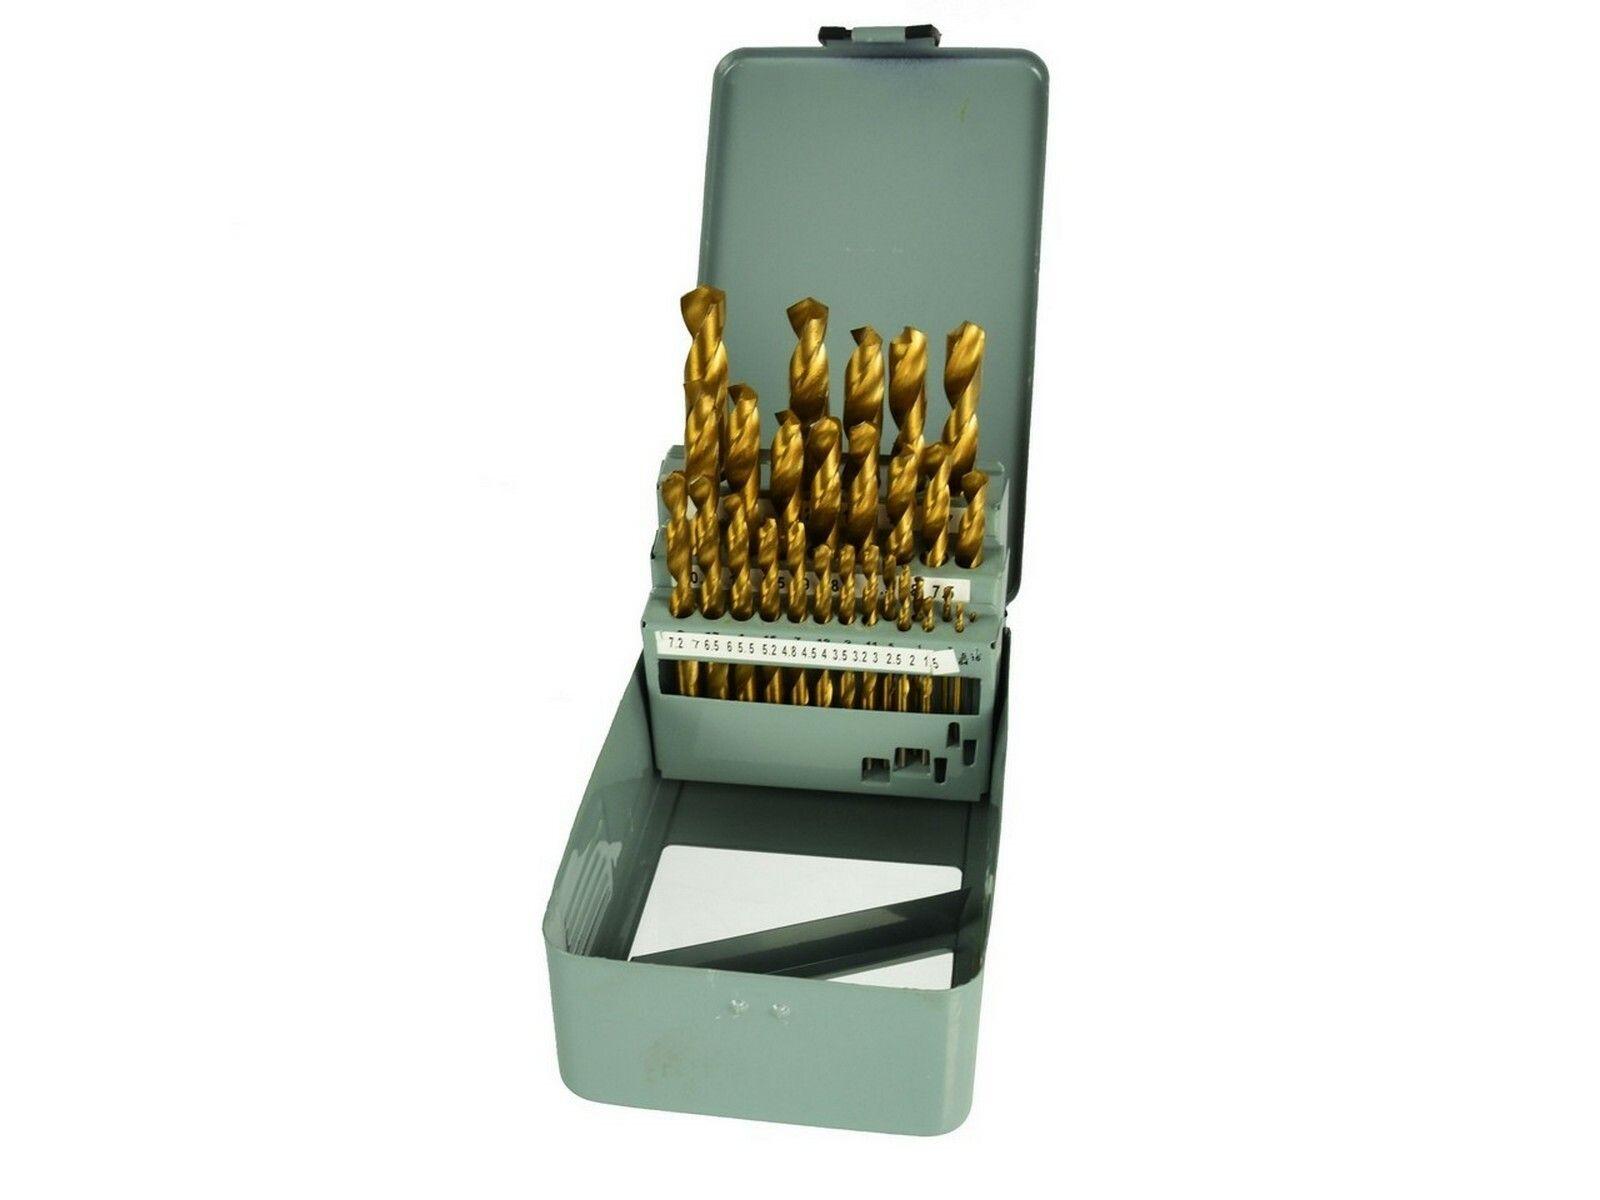 Vrtáky do kovu v kovové krabičce, sada 28ks, 1,5-13mm, GEKO PROFI